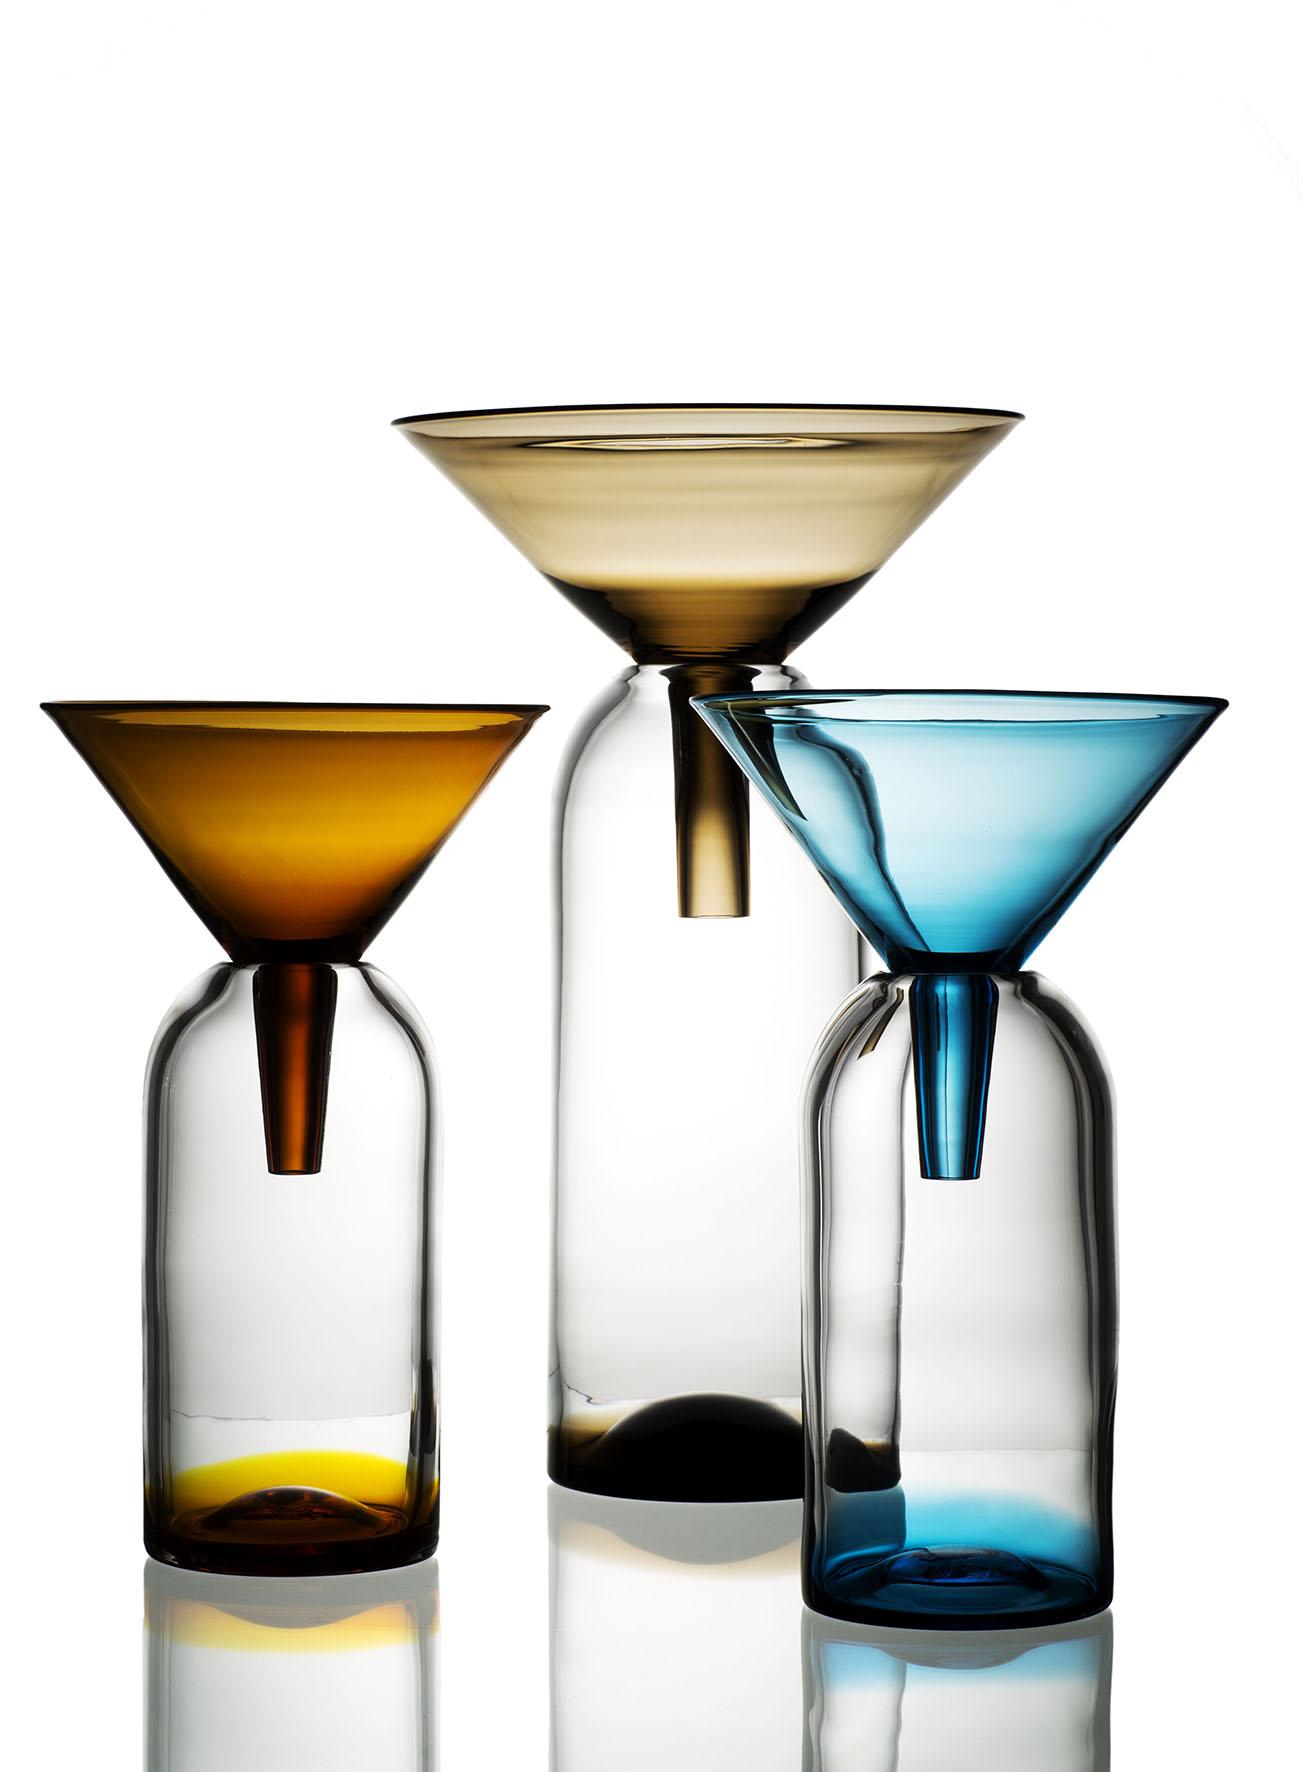 Trattar och flaskor av glaskonstnären Anna Berglund. Foto: Konsthantverkarna/Creative Commons.